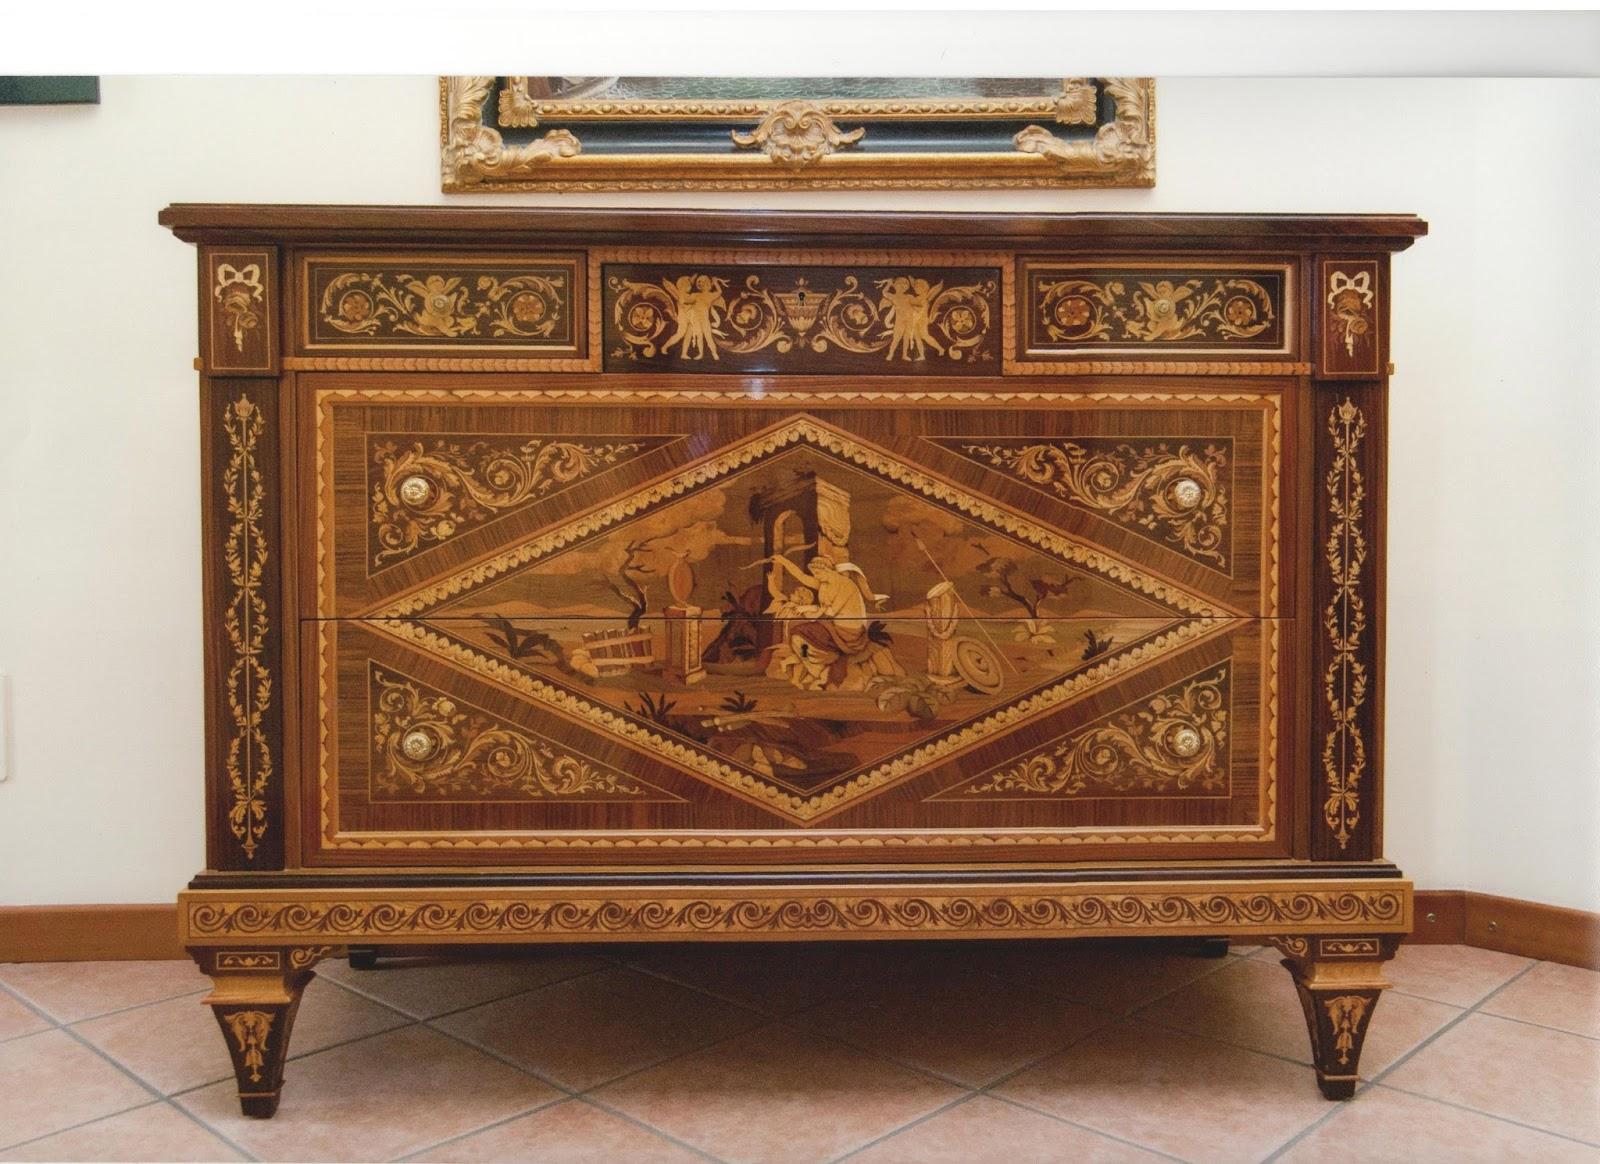 M i a mobili intarsiati artistici in stile mobili in for Mobili antichi